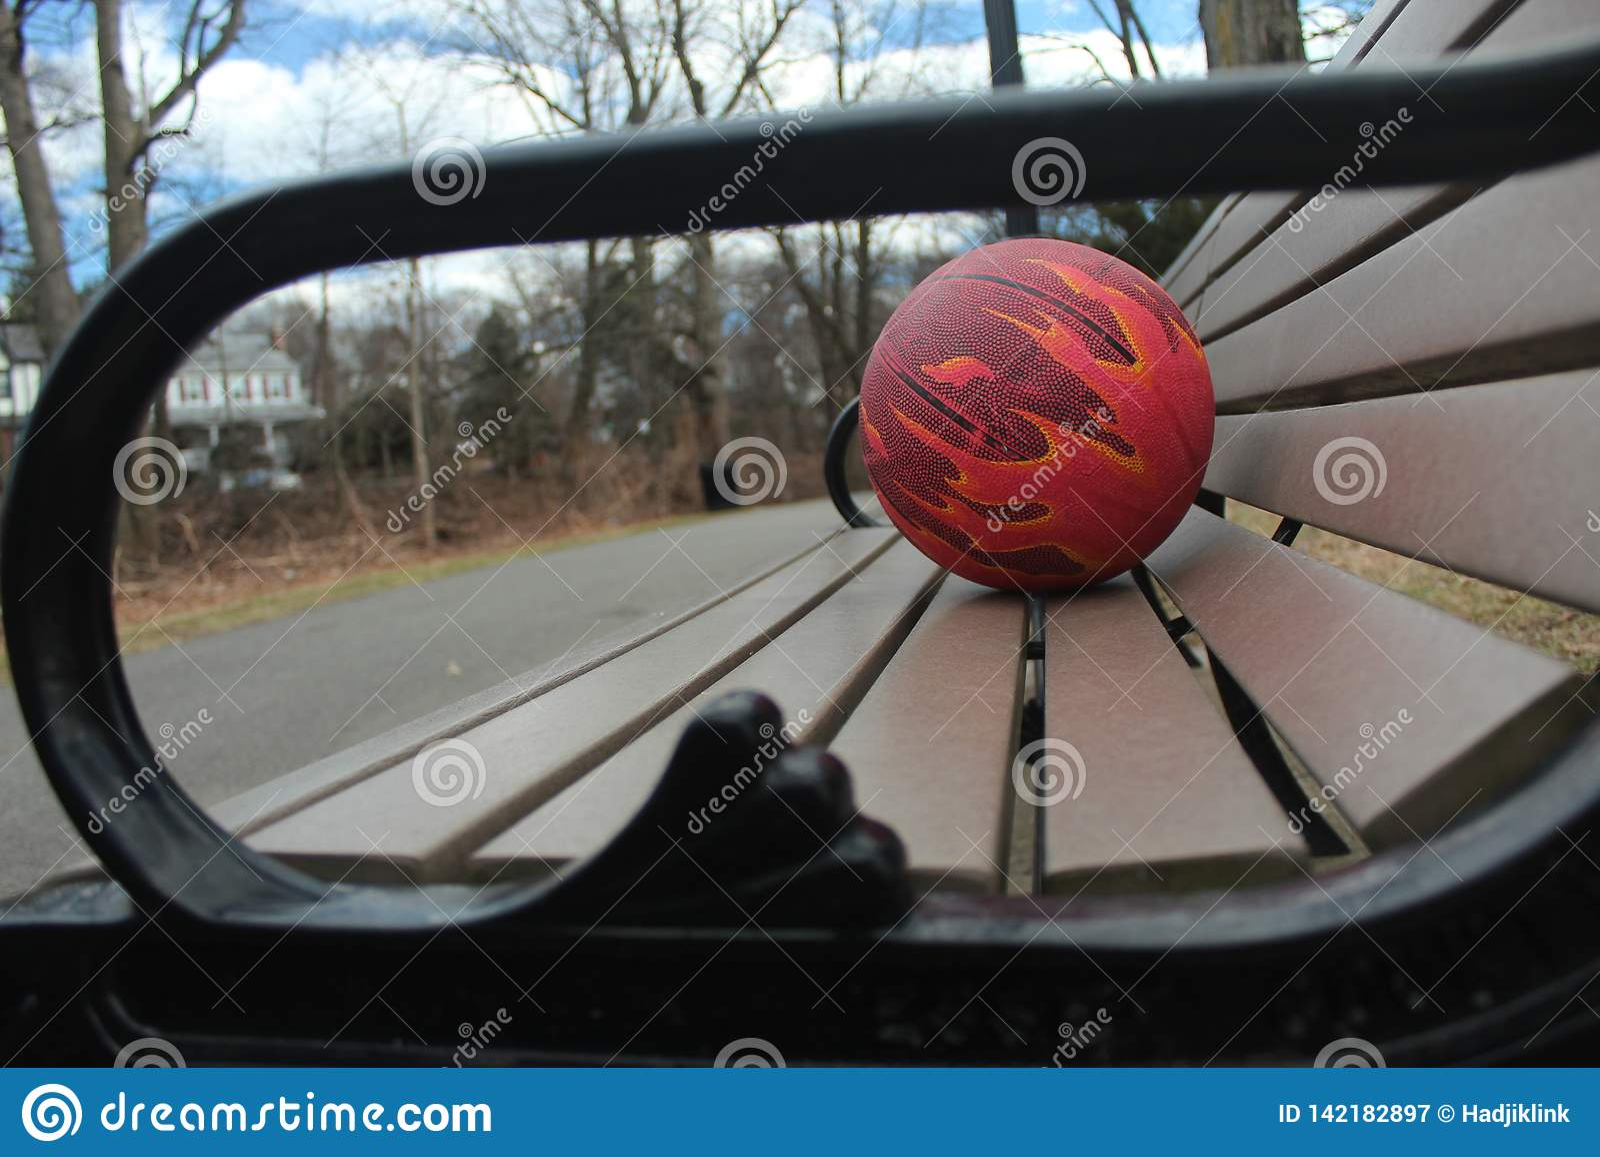 Bola para o basquetebol em um banco de parque